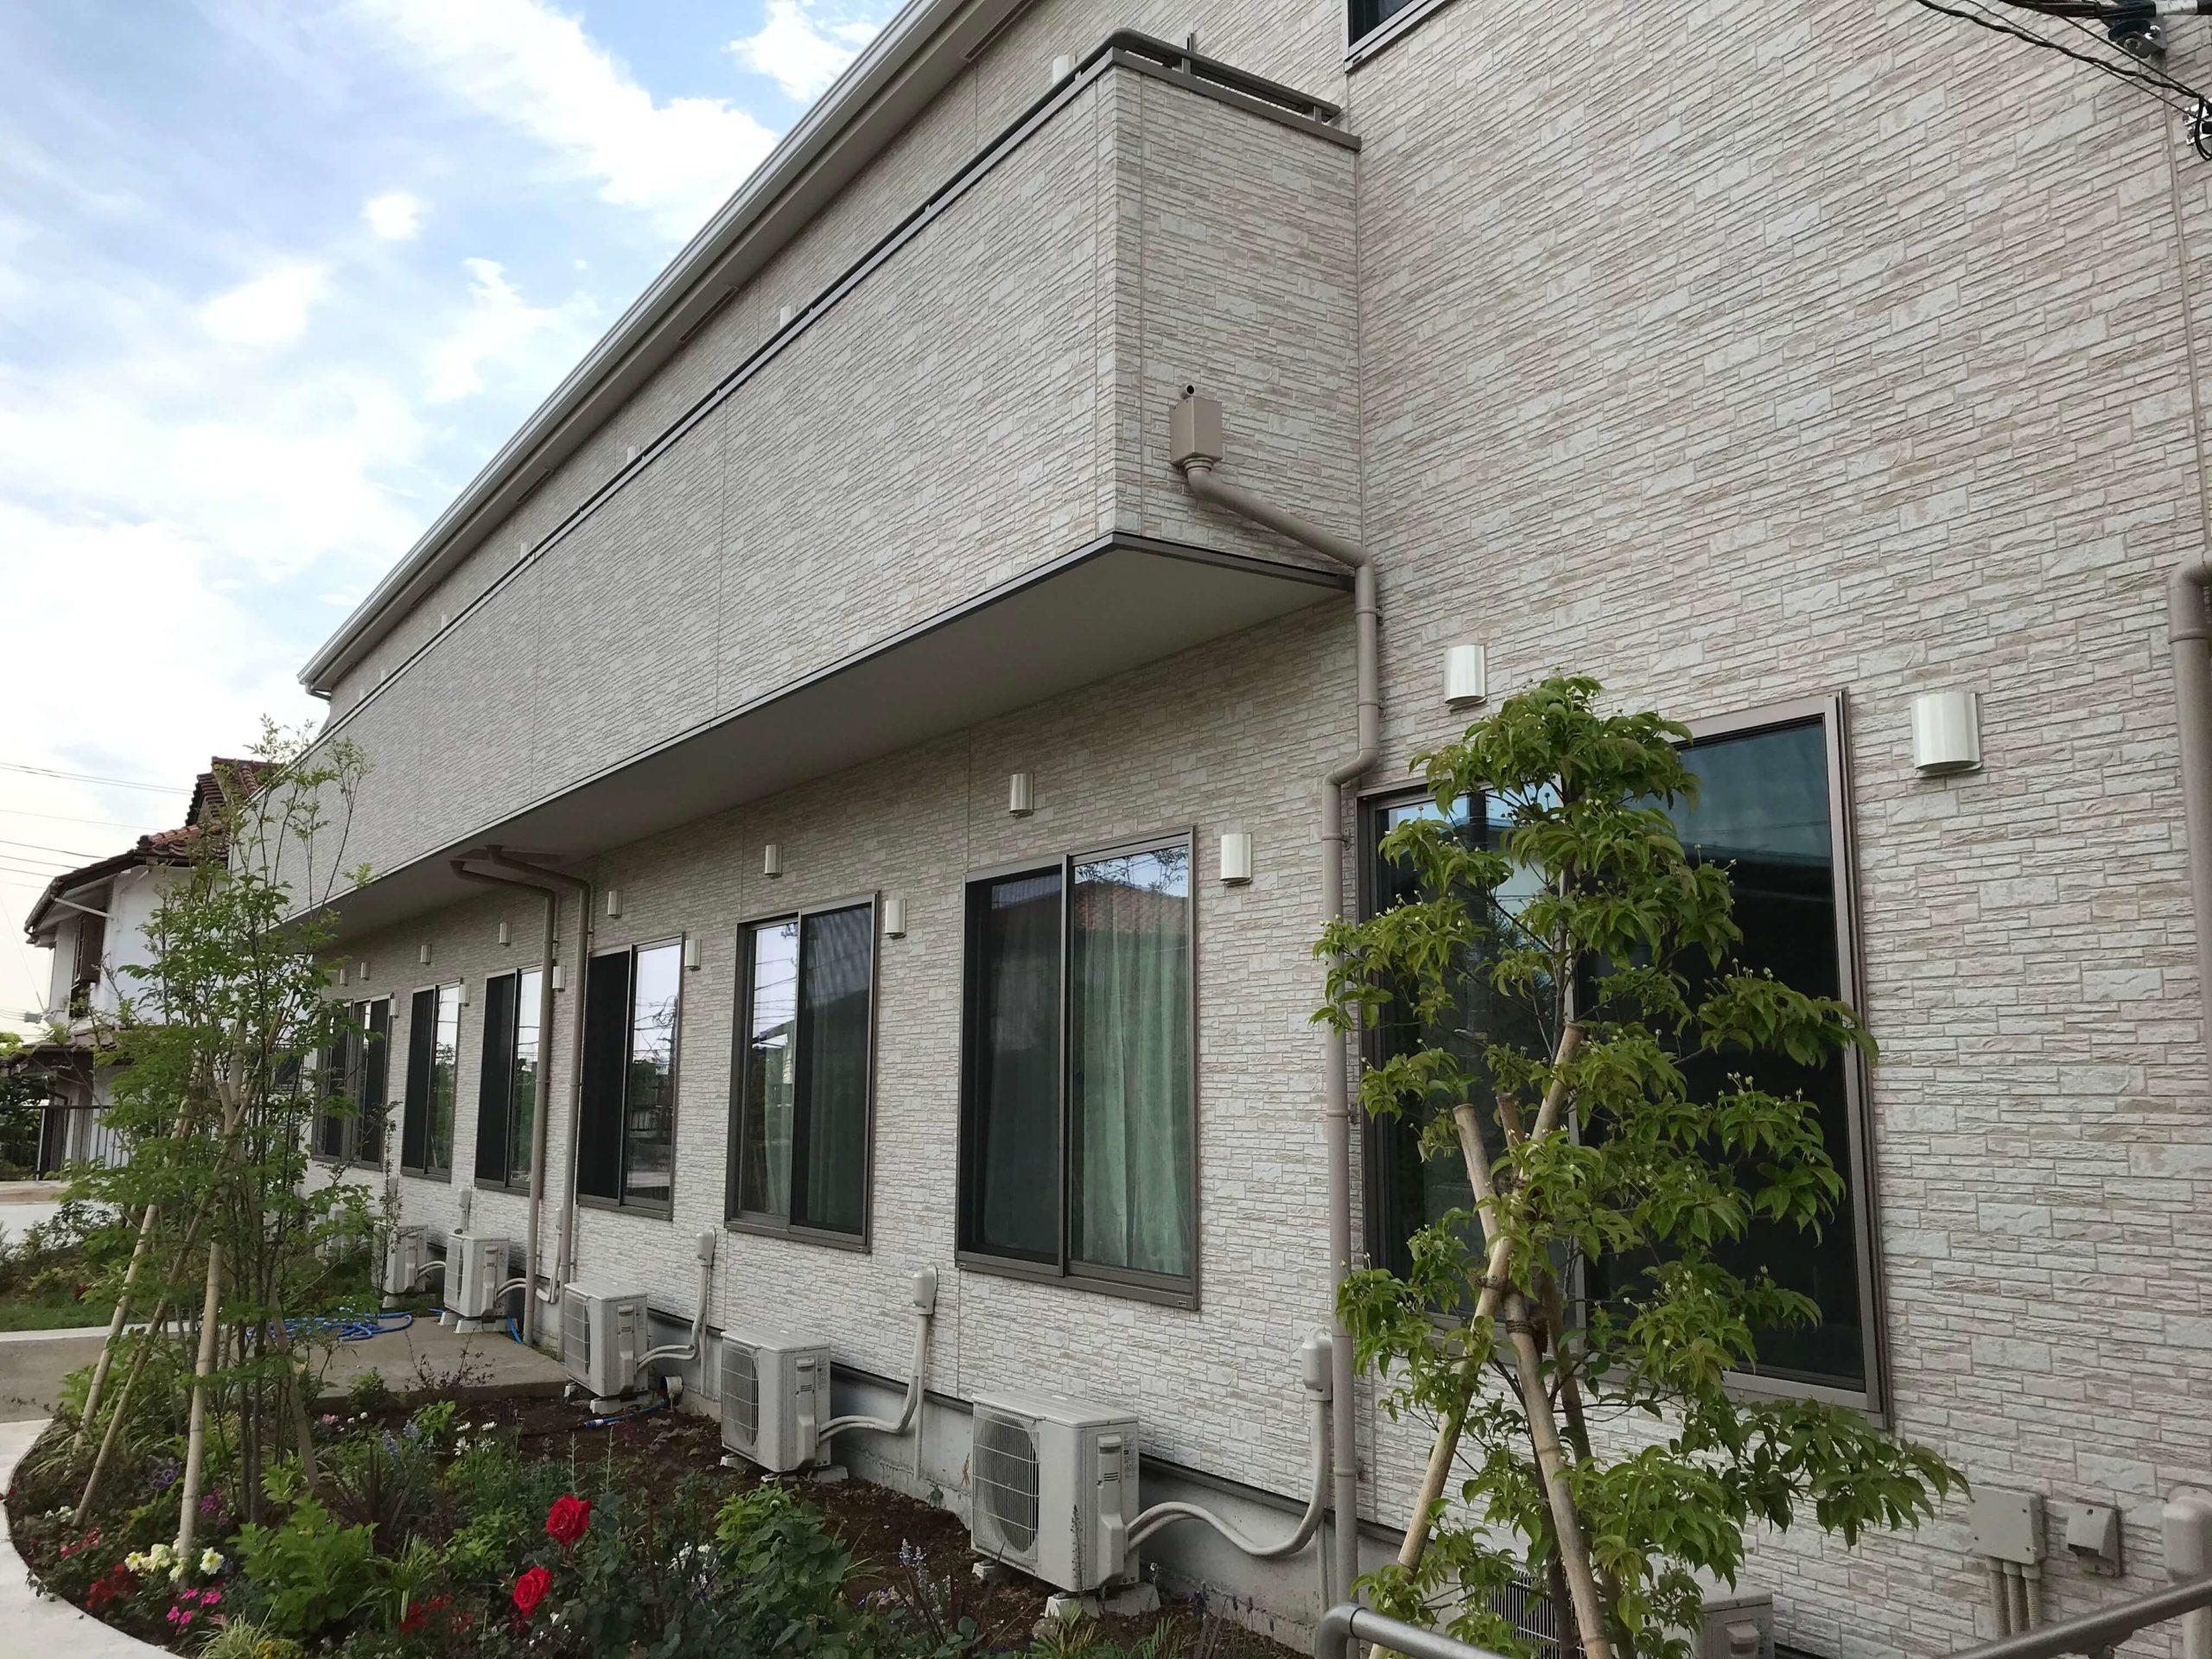 市 自立 横浜 支援 医療 宿泊型自立訓練